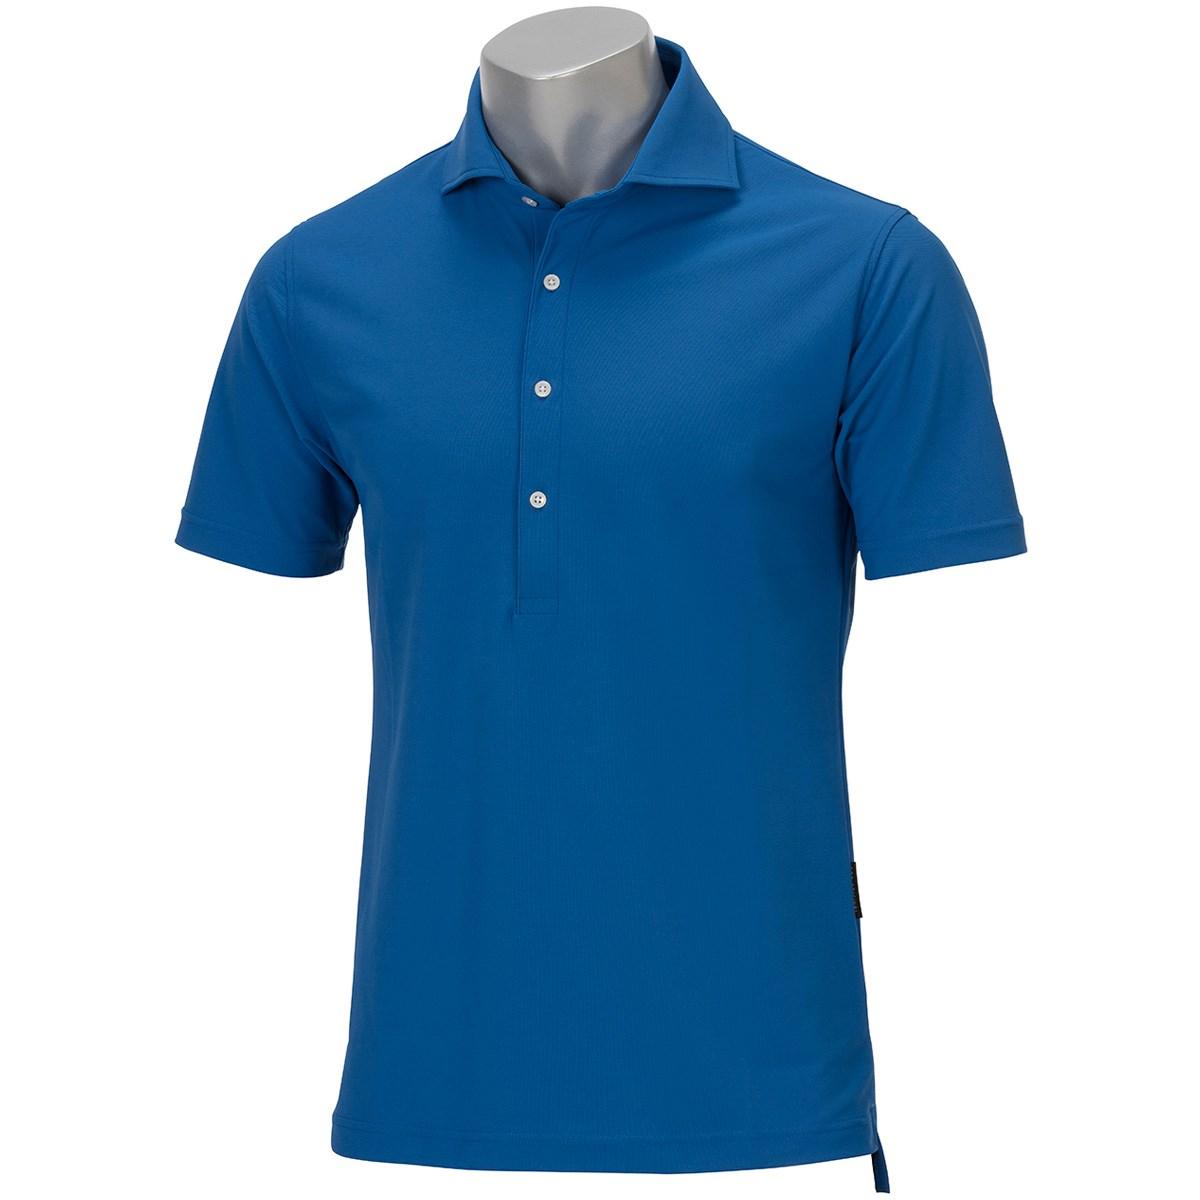 GDO オリジナル GDO ORIGINAL ホリゾンタルカラーシャツ XXL ブルー